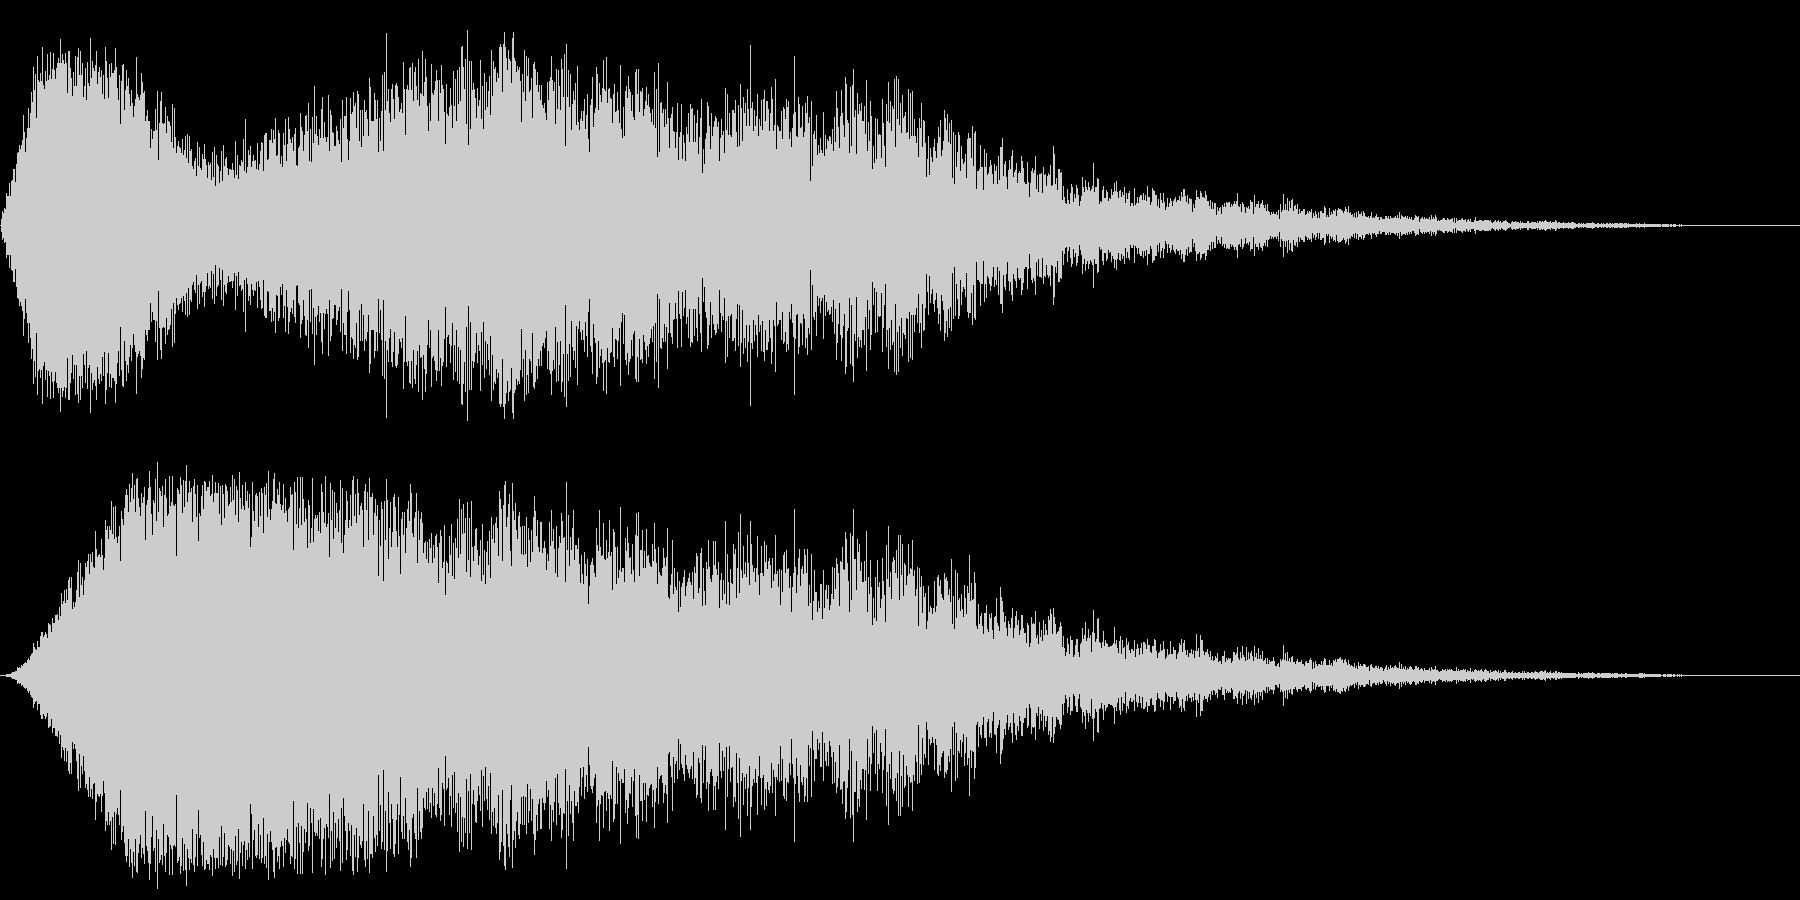 インパクト音(恐怖/緊張感)の未再生の波形